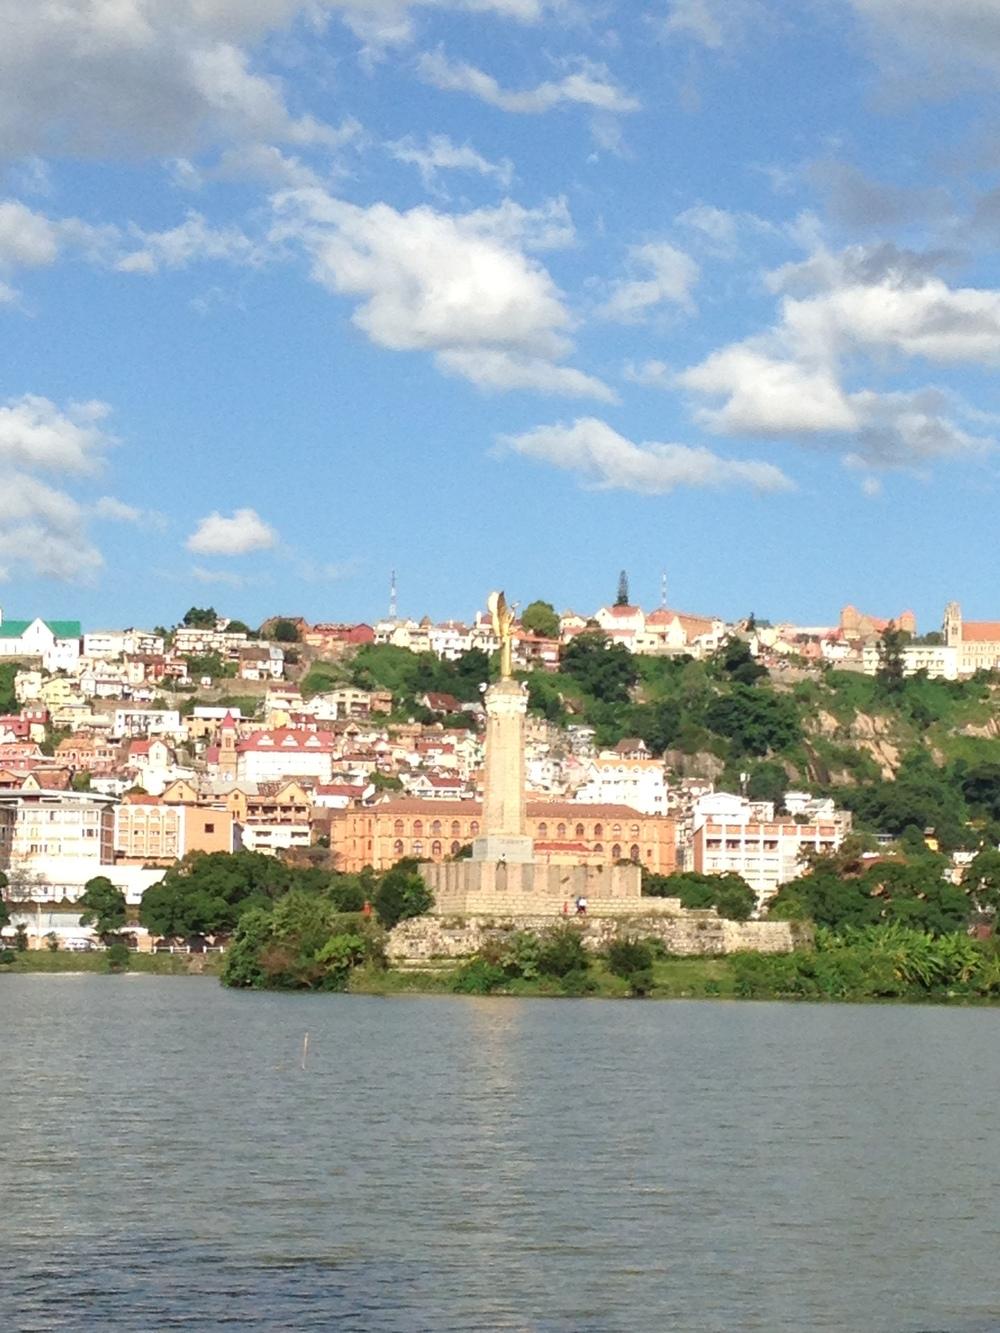 Antananarivo, the capital of Madagascar